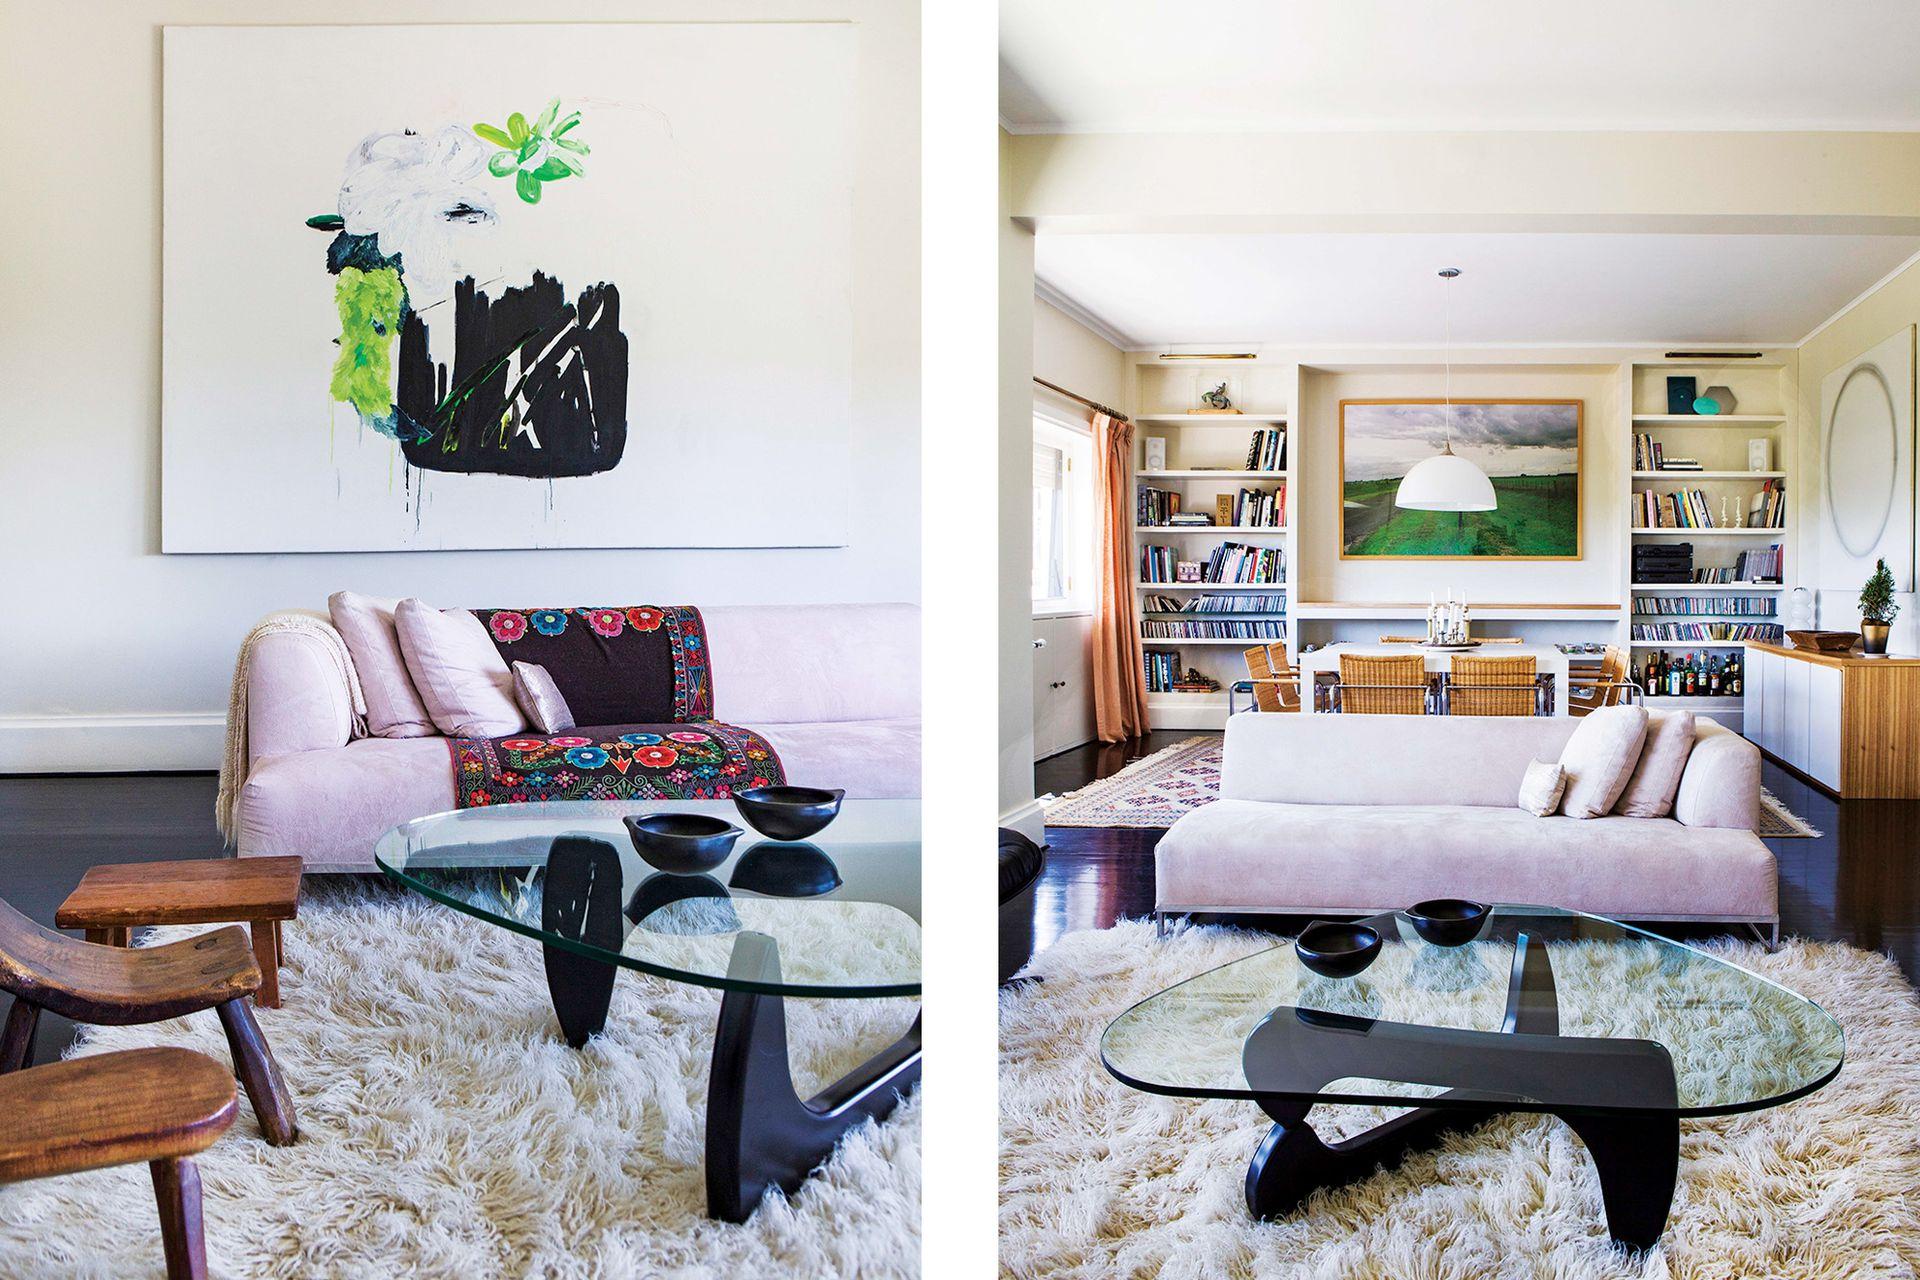 Sillones rosados (Gris Dimensión) con aguayo boliviano y obra de gran formato de la artista Jazmín López. La mesa baja, célebre diseño de Isamu Noguchi. Las sillas de madera forman una colección con varias joyitas, obsequio de amigos artistas.